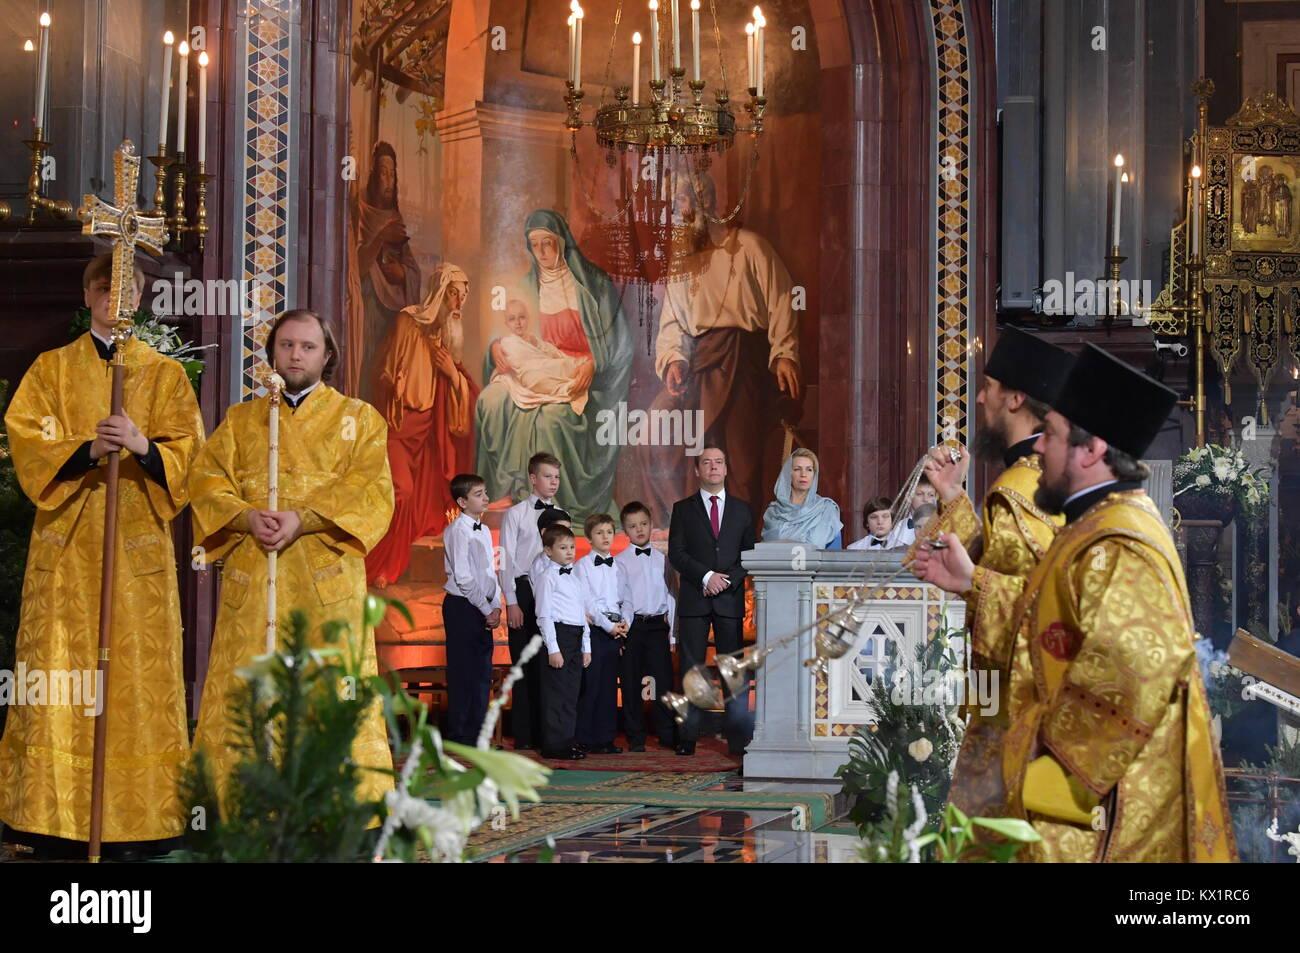 Weihnachten Am 6 Januar.Moskau Russland 6 Januar 2018 Russlands Ministerpräsident